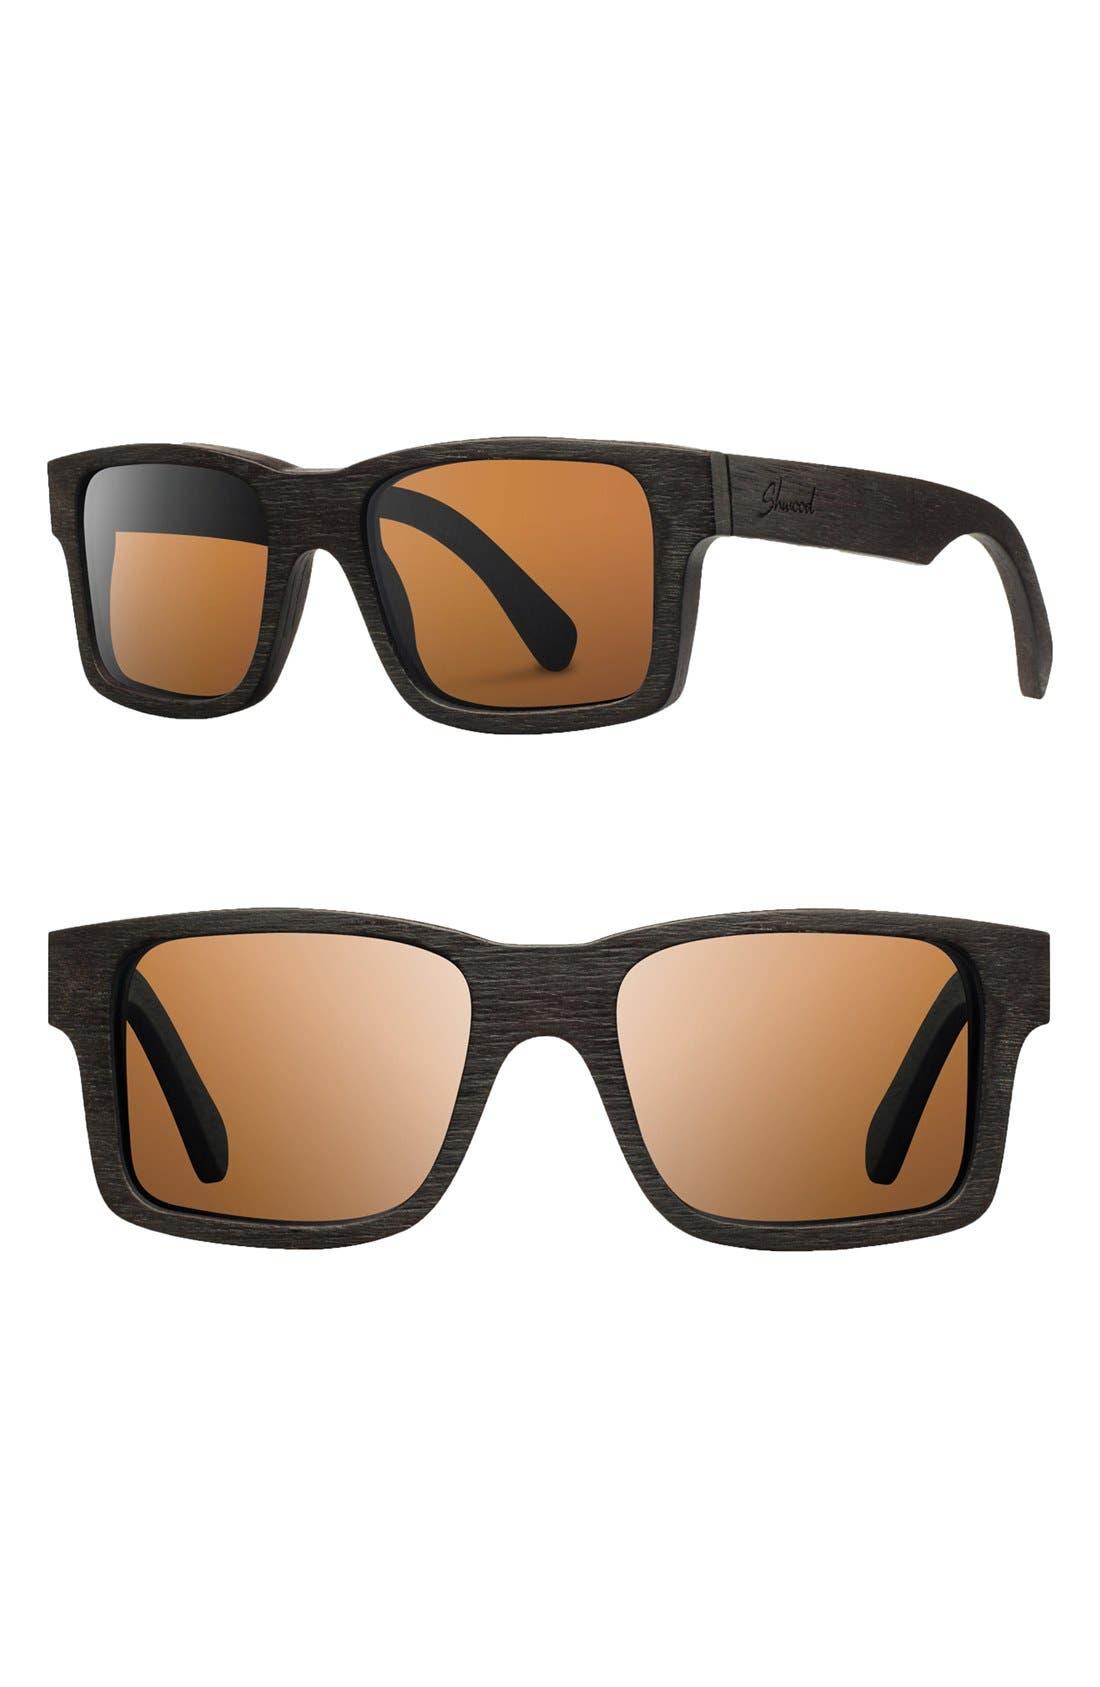 Alternate Image 1 Selected - Shwood 'Haystack' 53mm Polarized Wood Sunglasses